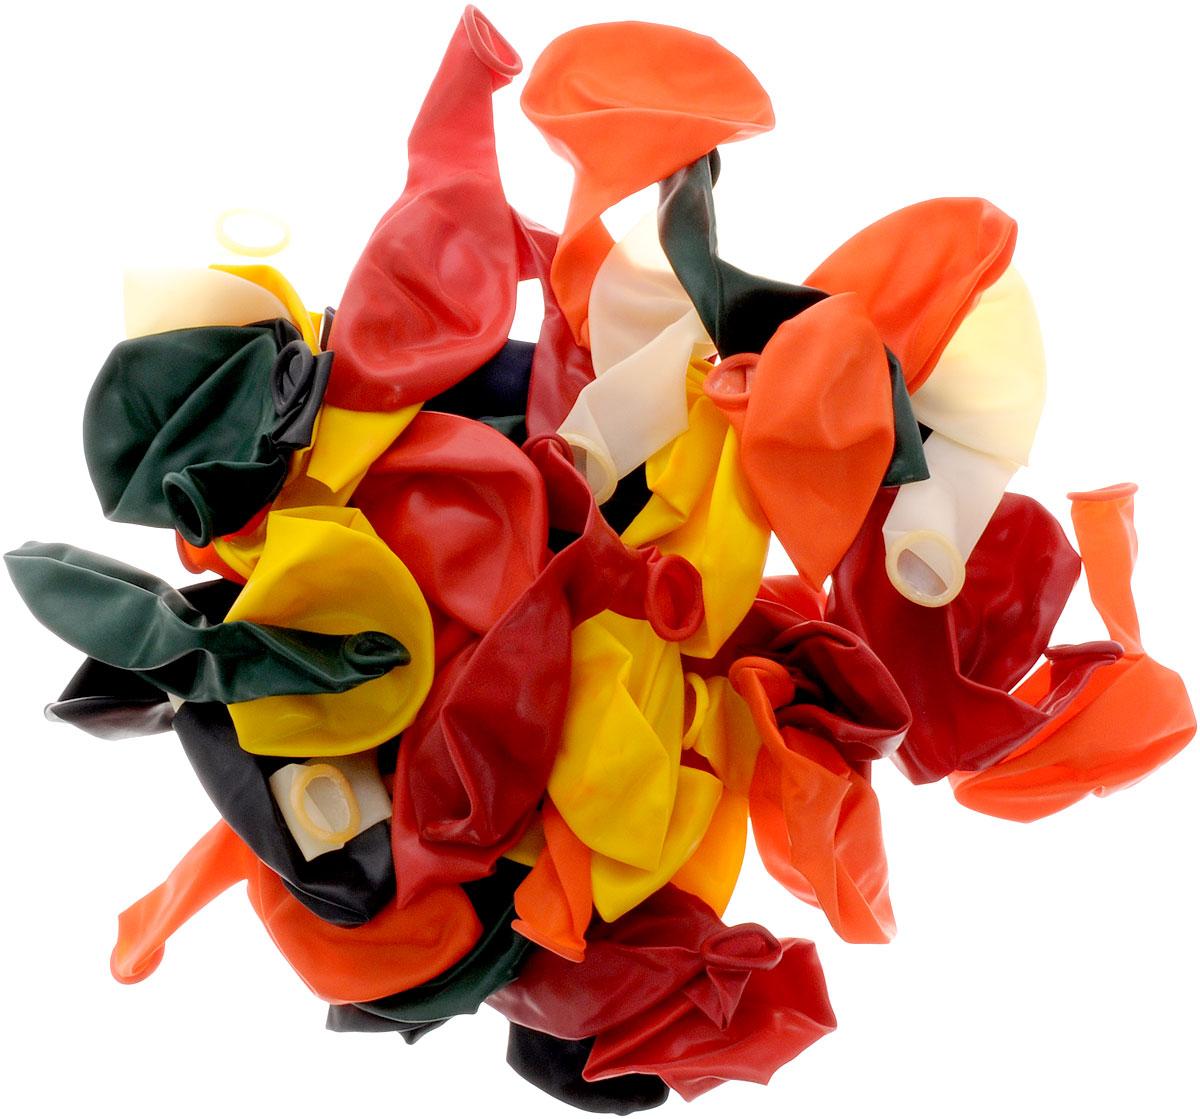 Action! Шары воздушные Кристалл 30 см 50 штAPI0065/MШары воздушные Action! Кристалл - отличное украшение на любой праздник! Шарики помогут украсить праздничный стол и помещение, или стать приятным дополнением к подарку. Эти яркие праздничные аксессуары поднимут настроение вам и вашим гостям! В наборе 50 разноцветных воздушных шаров.